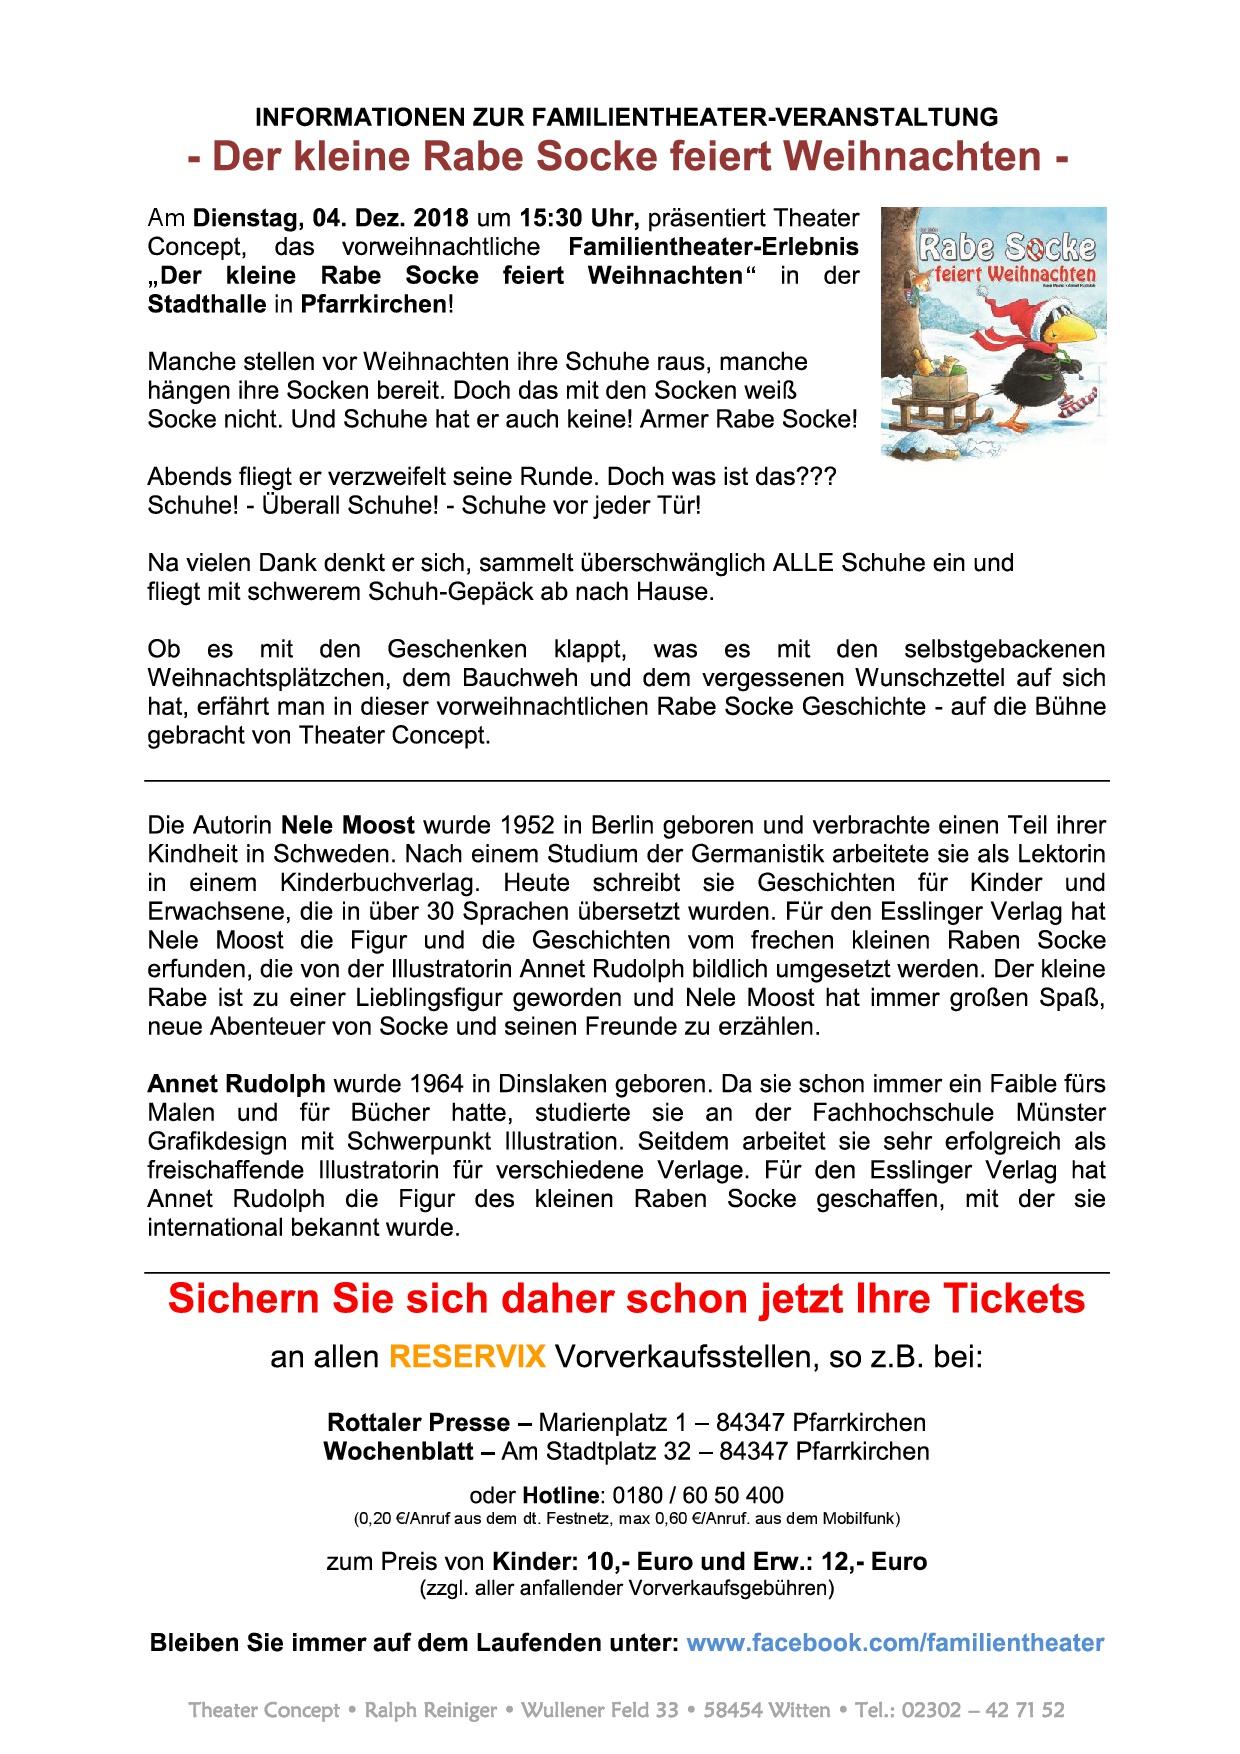 Pfarrkirchen - Ihre Kreisstadt im Rottal - Theater \